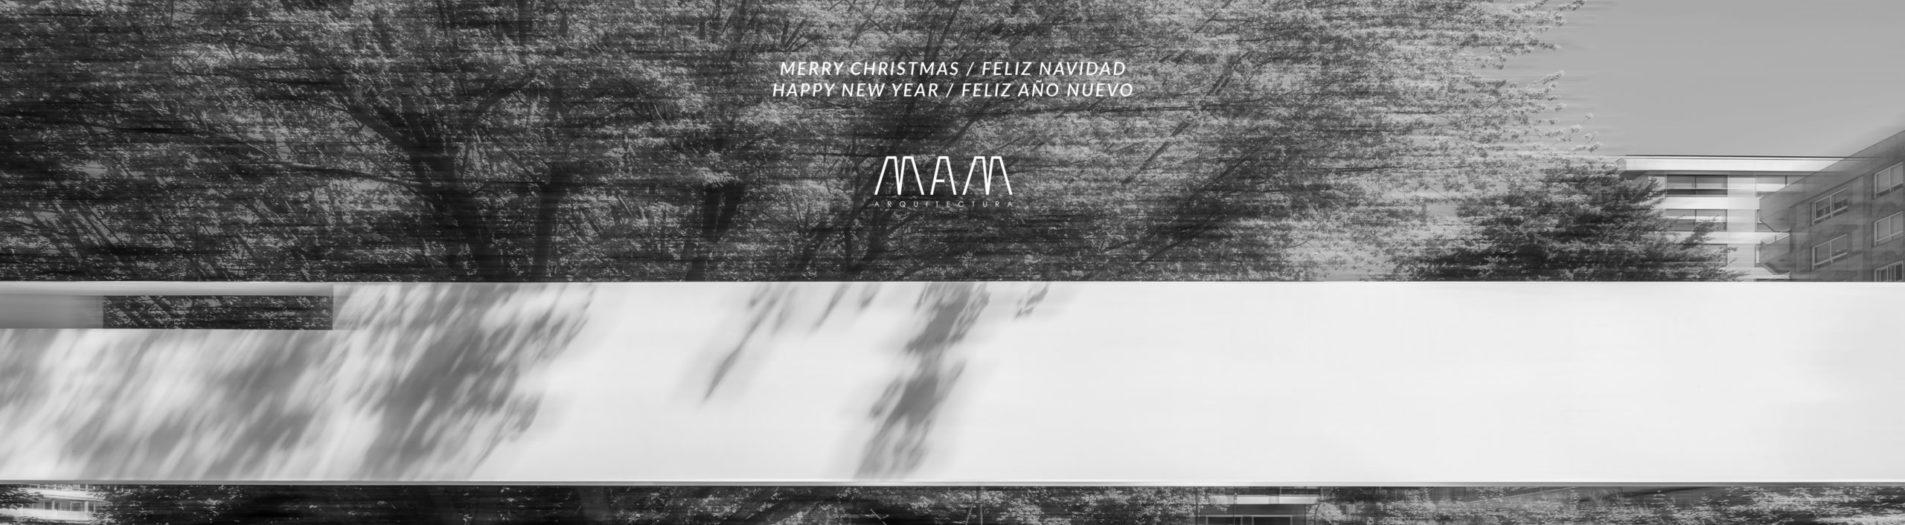 Merry Christmas and happy new year / Feliz navidad y próspero año nuevo